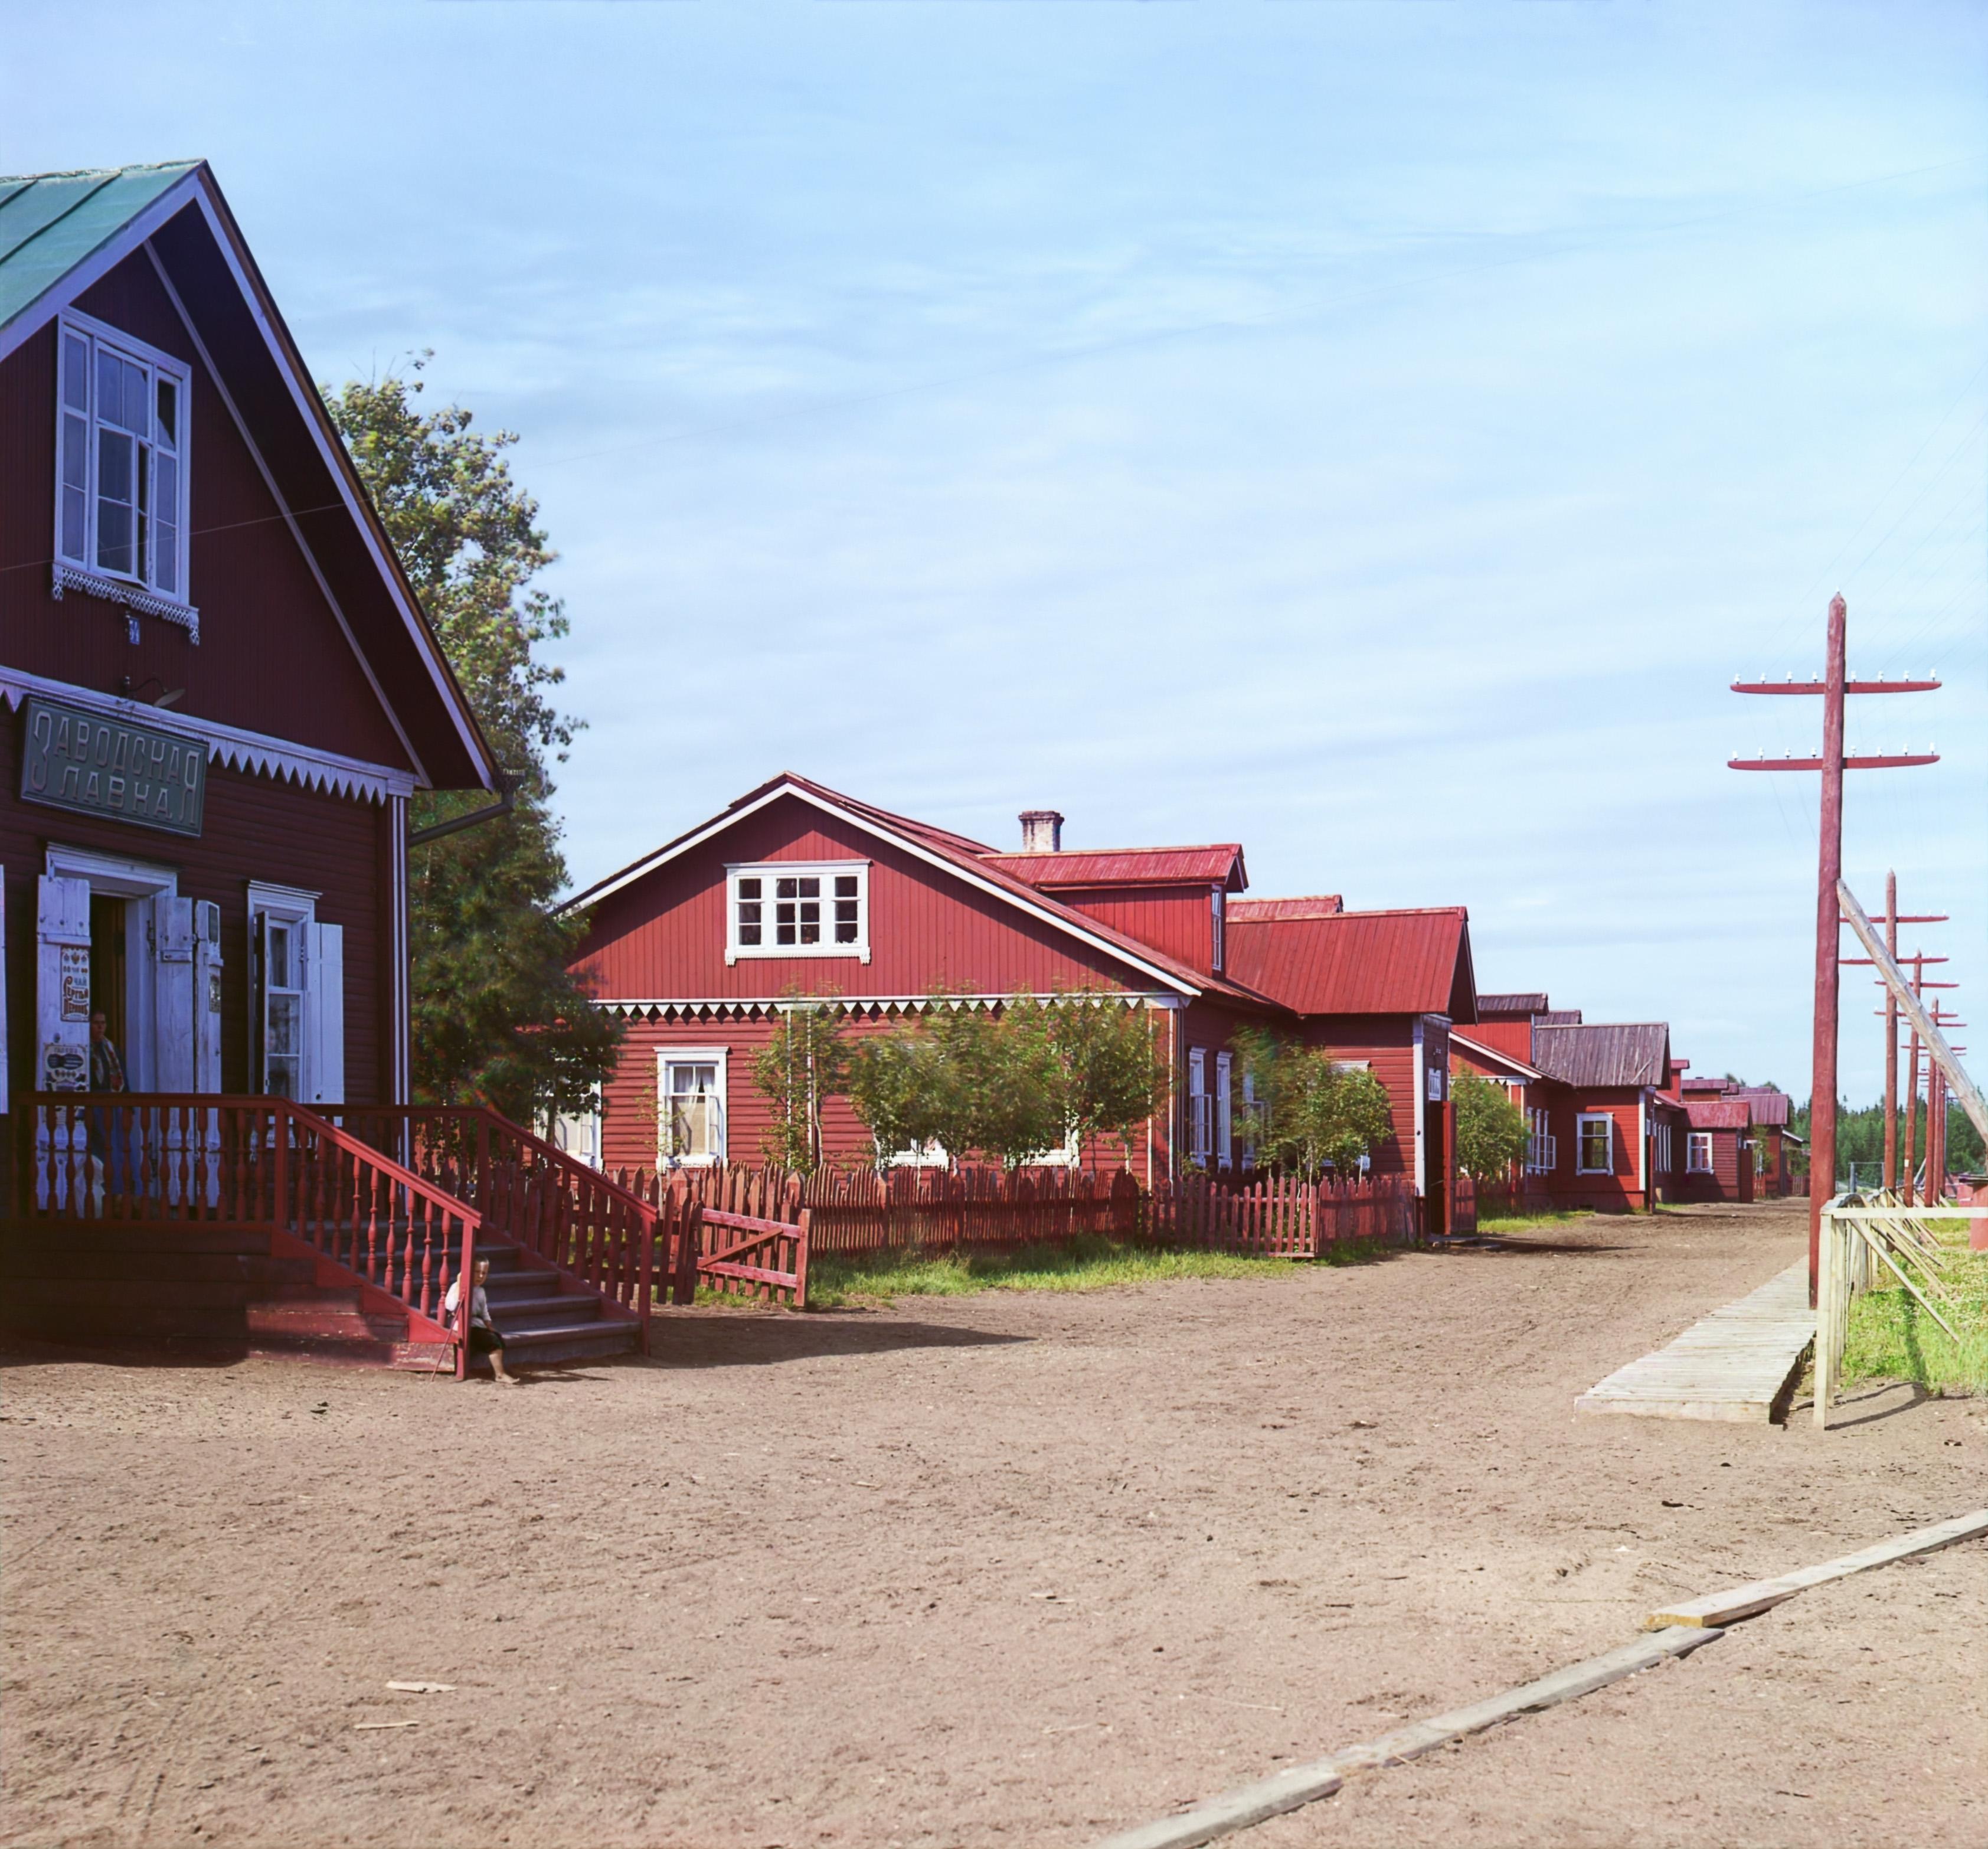 Ковжинский лесопильный завод. Жилые заводские постройки